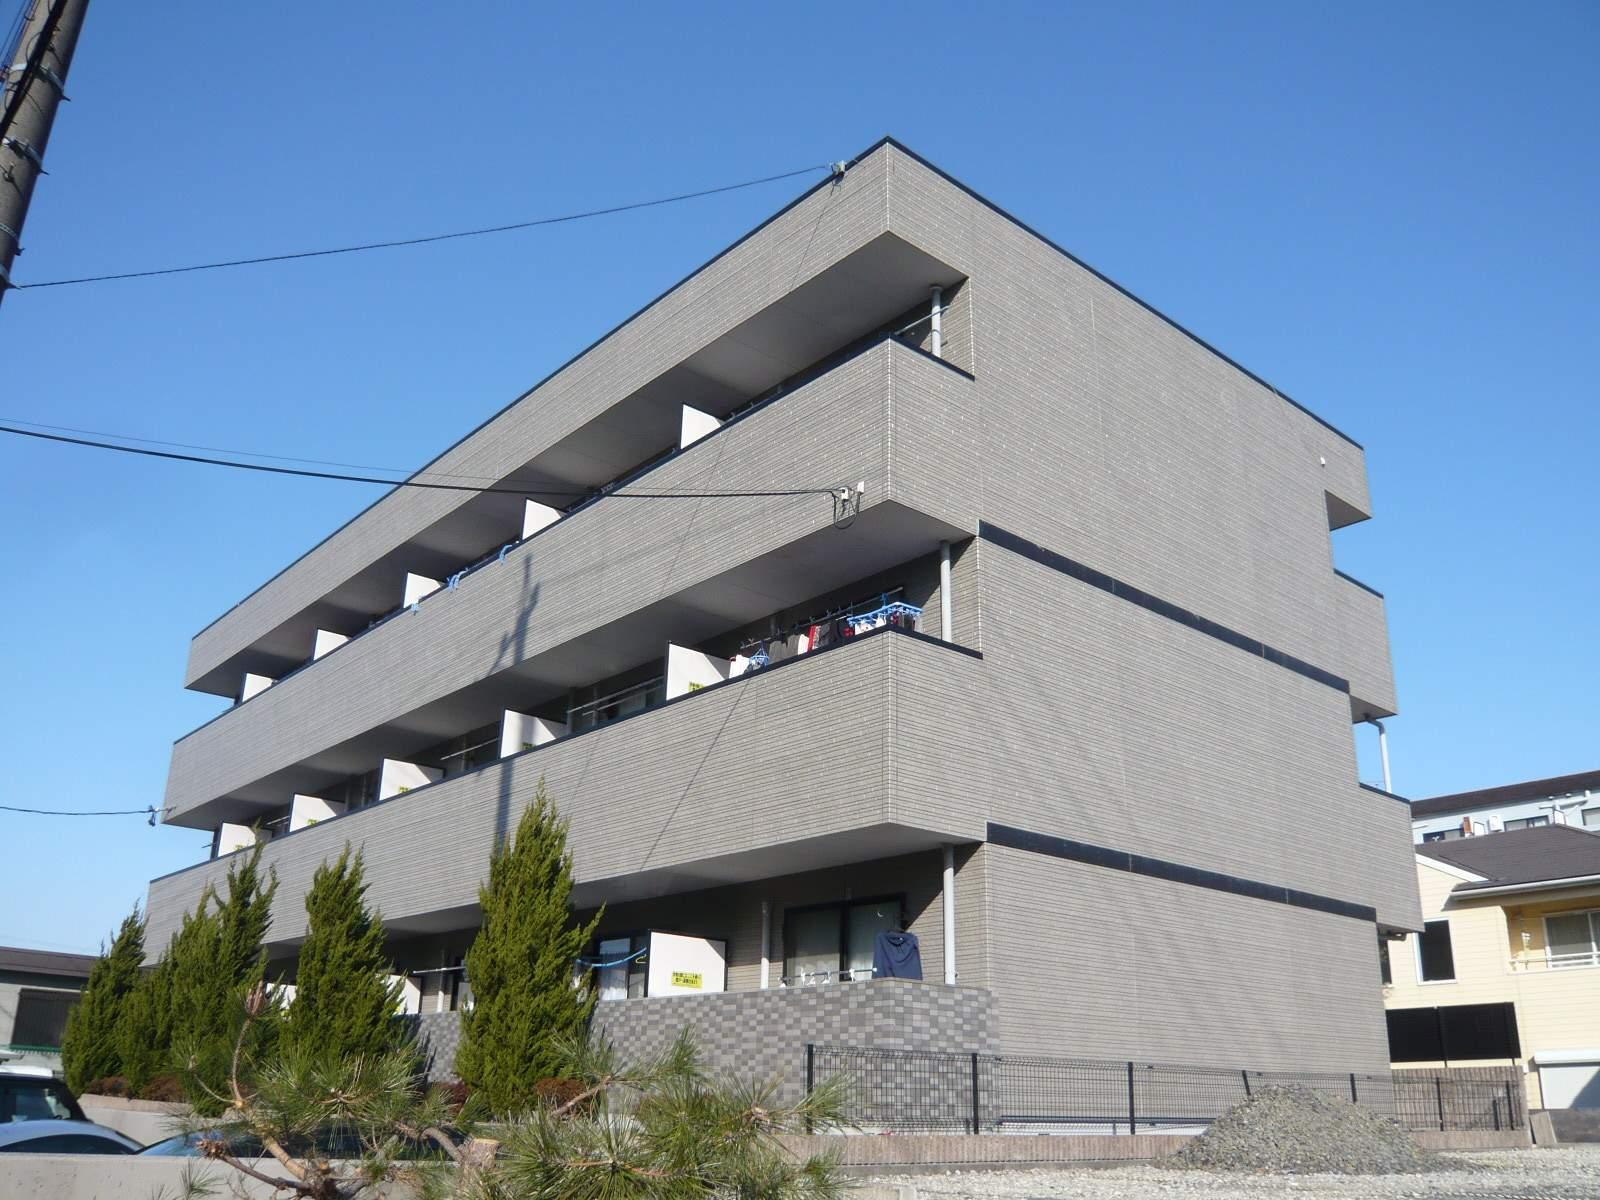 愛知県名古屋市名東区、藤が丘駅徒歩20分の築16年 3階建の賃貸マンション